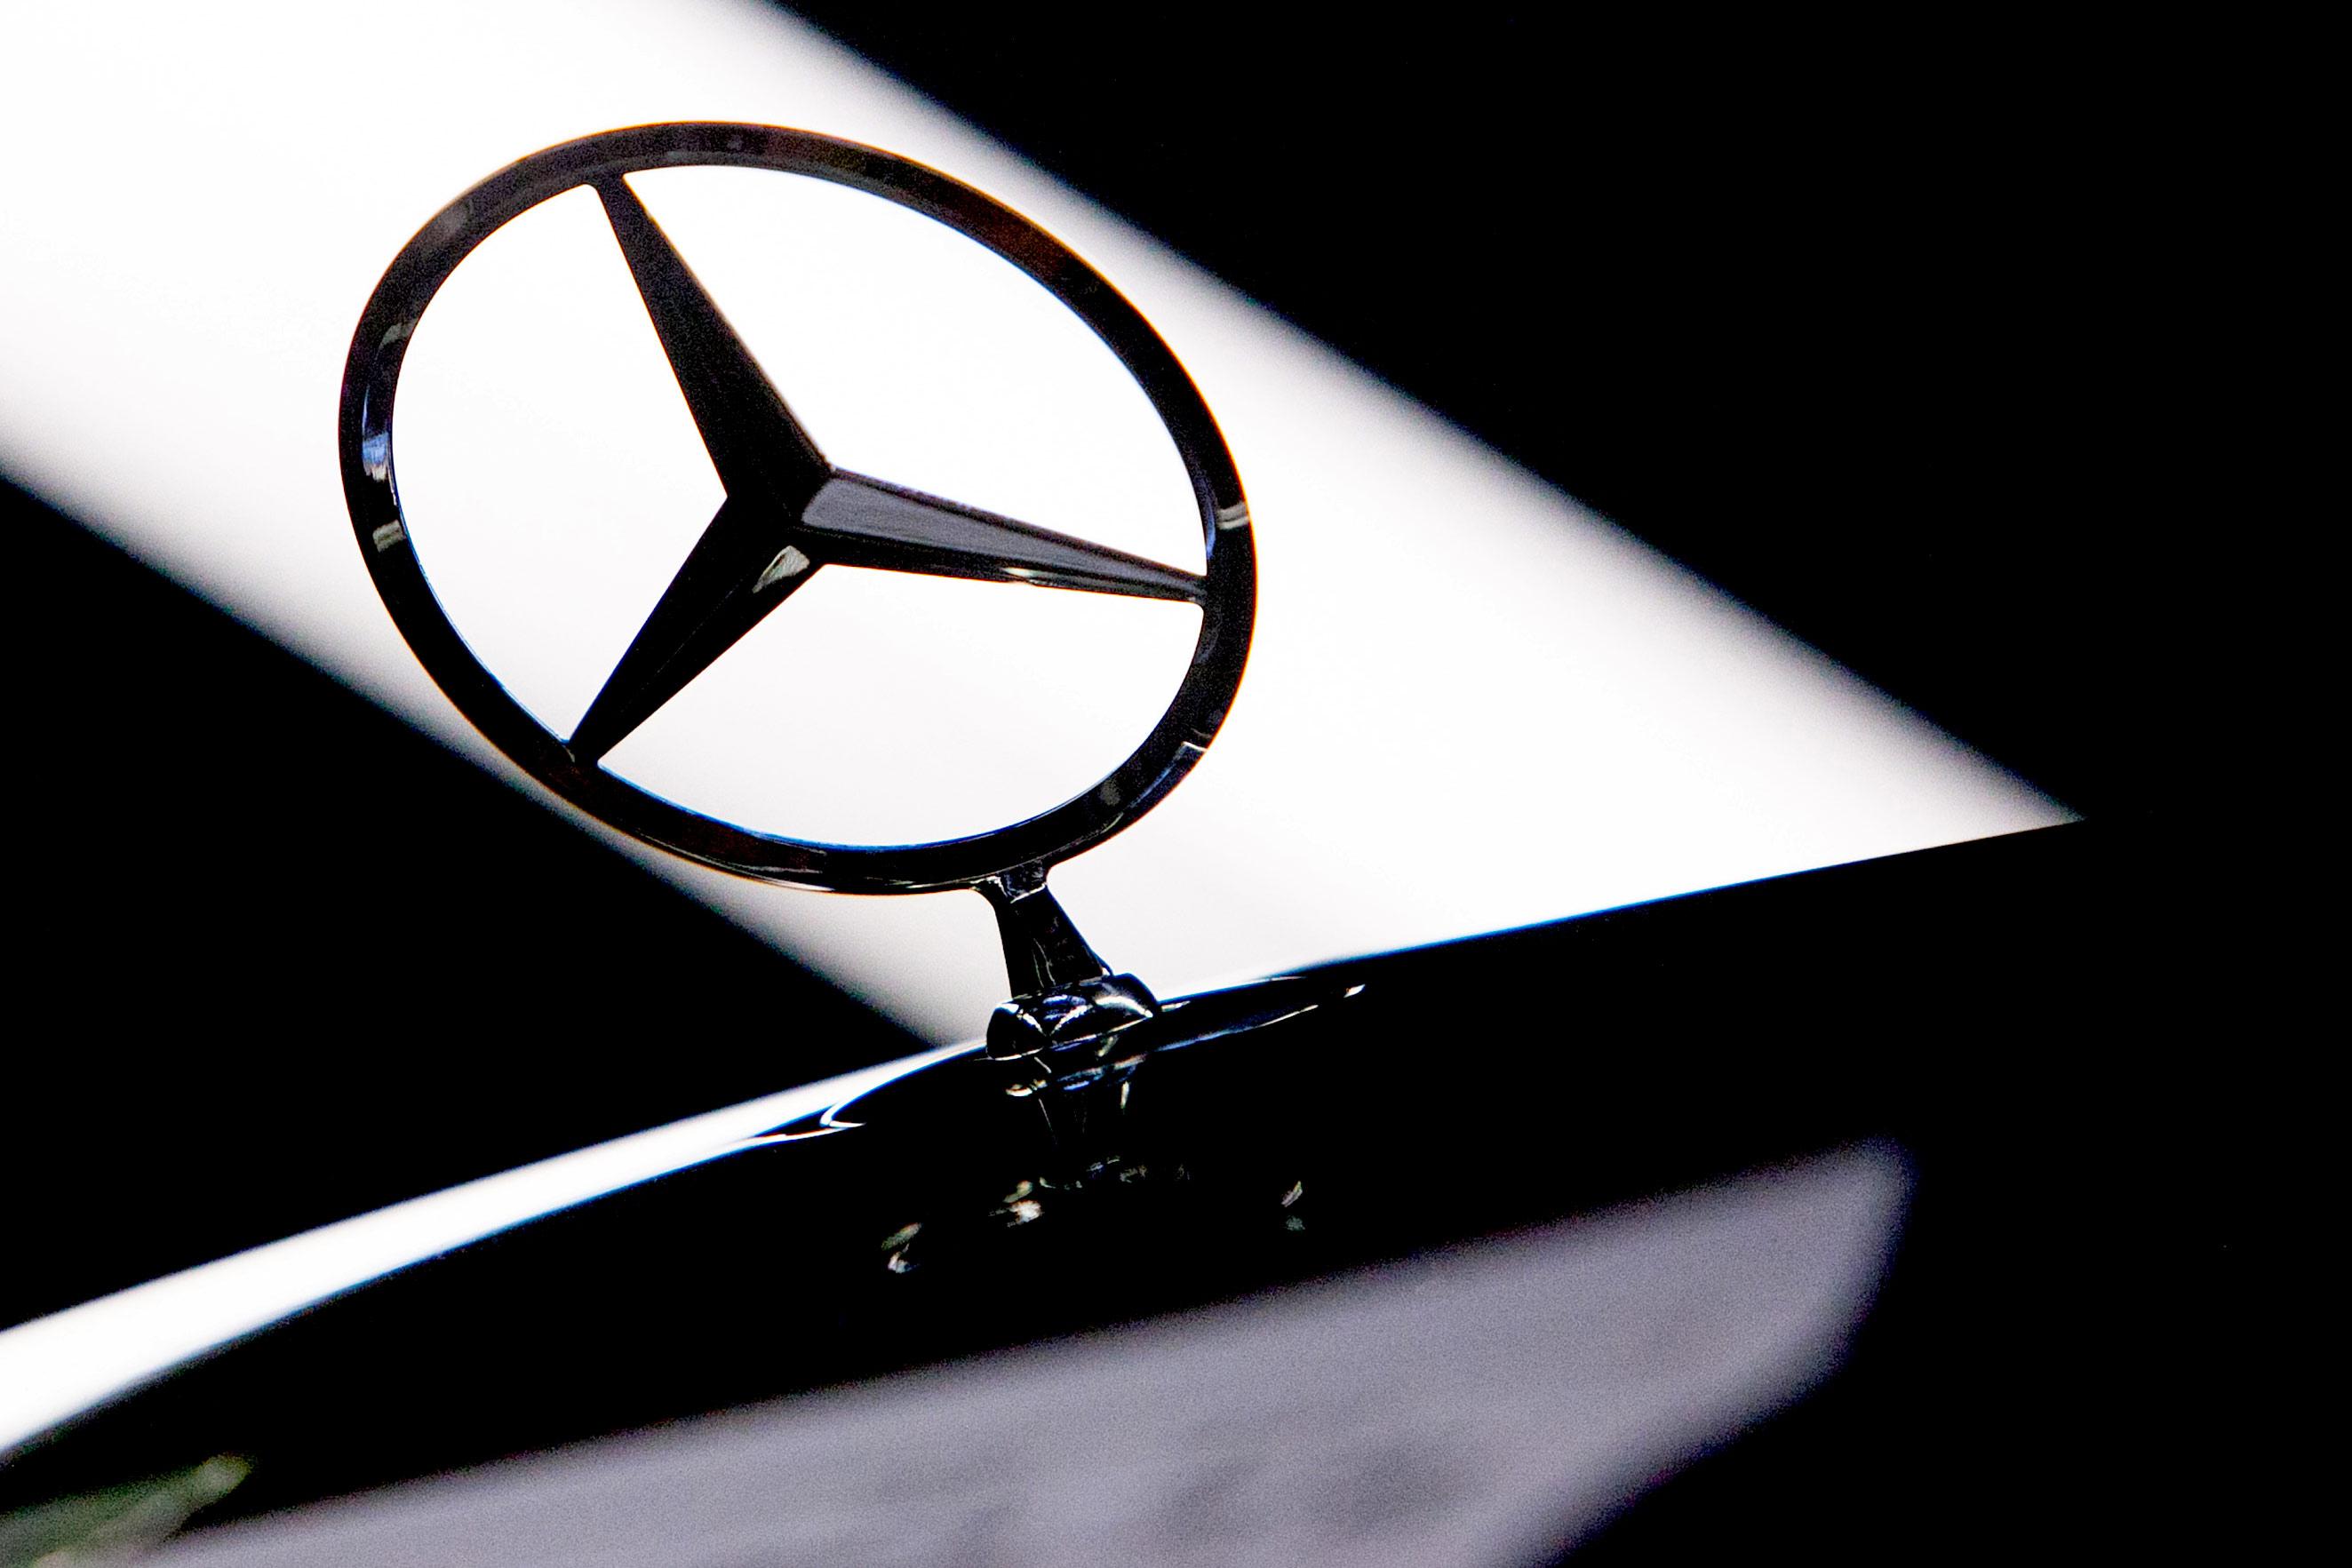 Chinas Geely Buys 9 Billion Daimler Stake Bloomberg